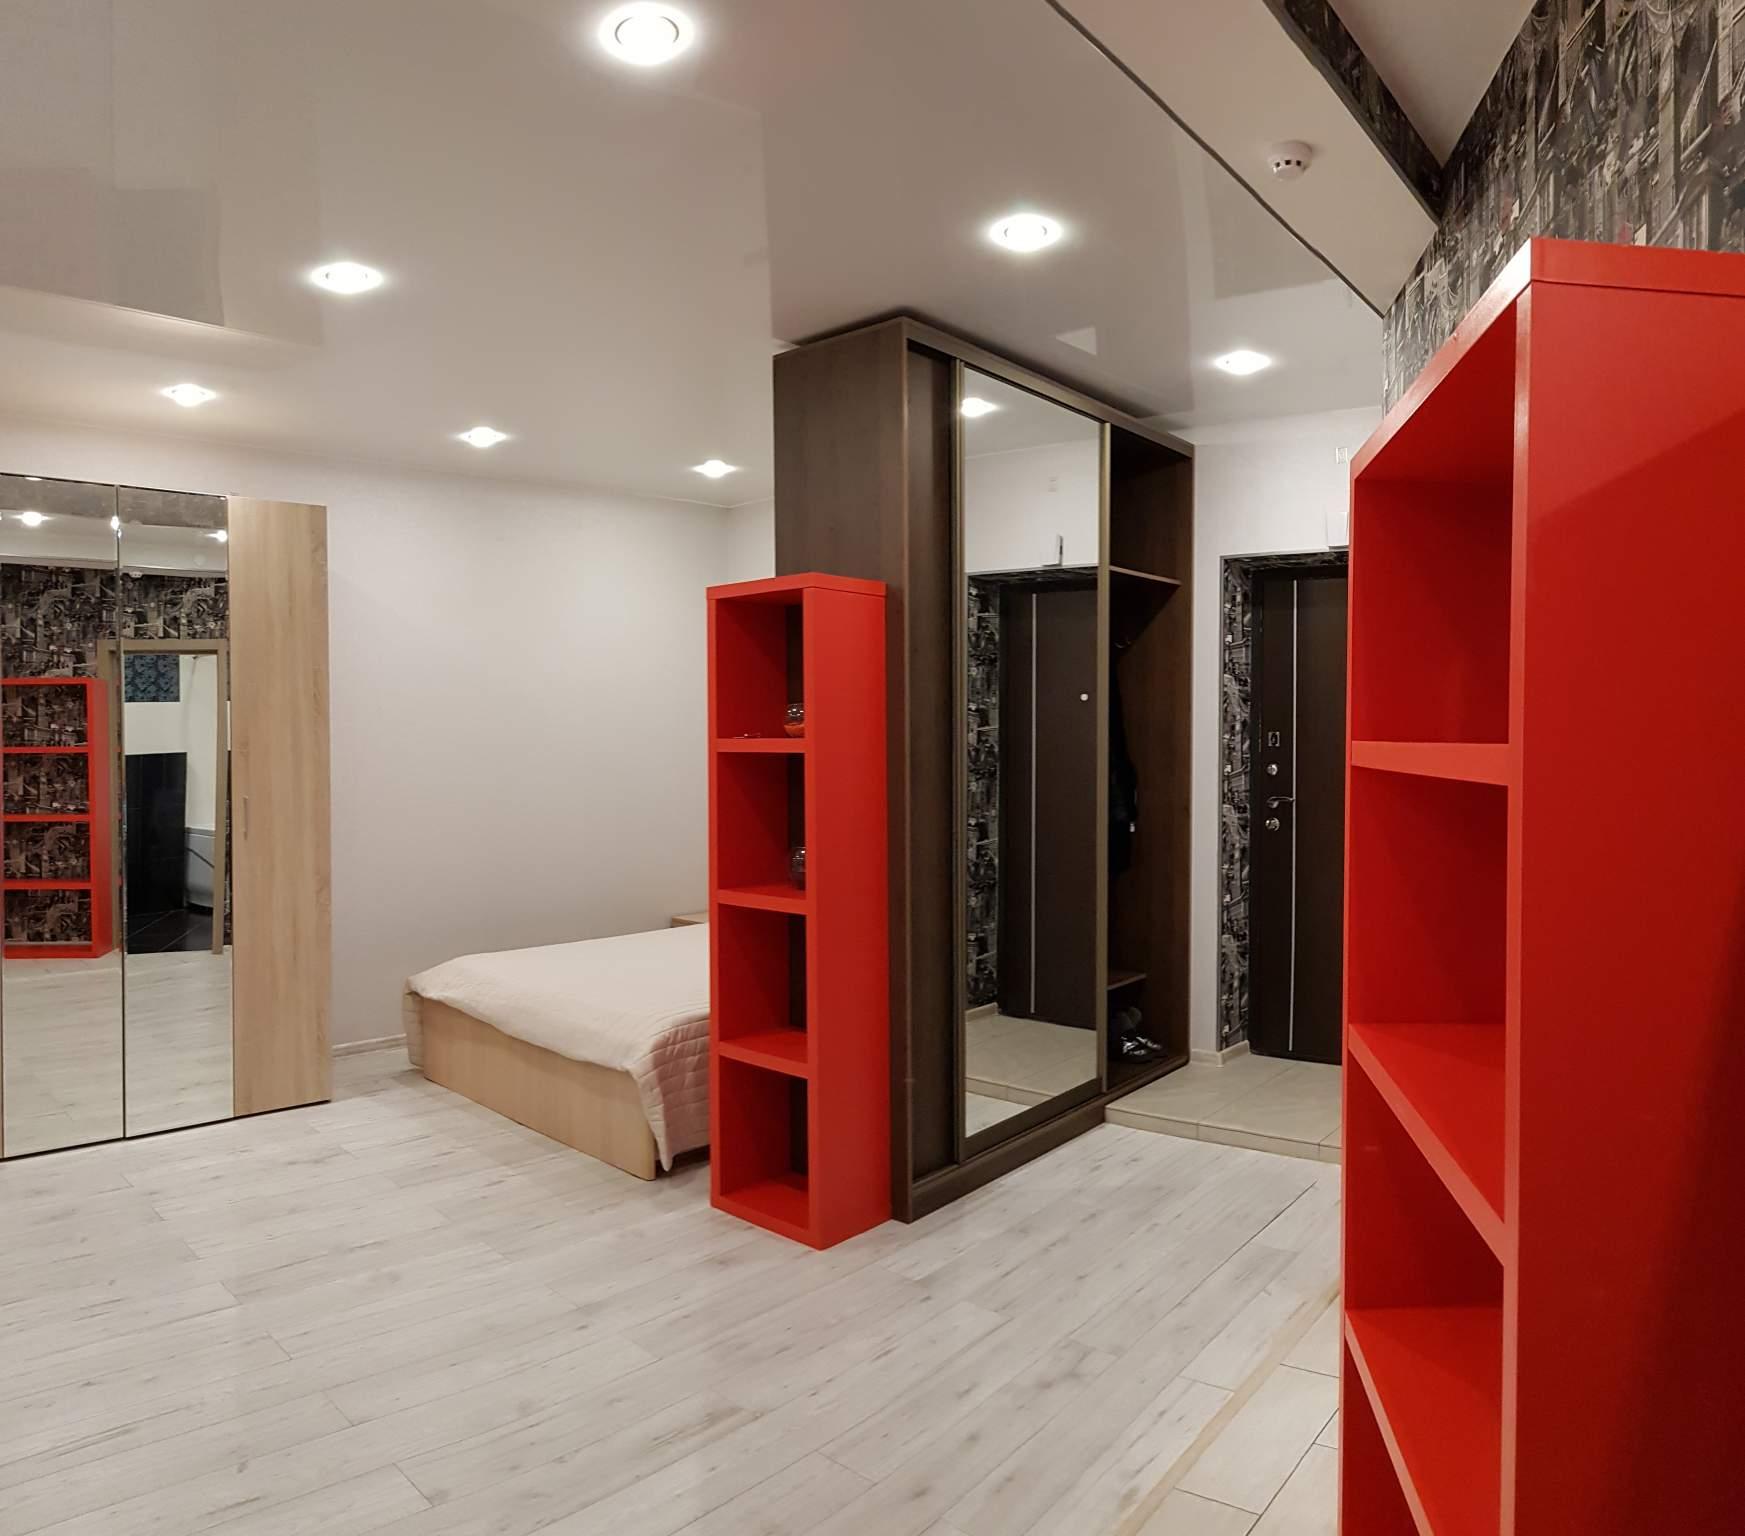 Аренда 1-комнатной квартиры, Москва, Хорошёвское шоссе,  д.12к1